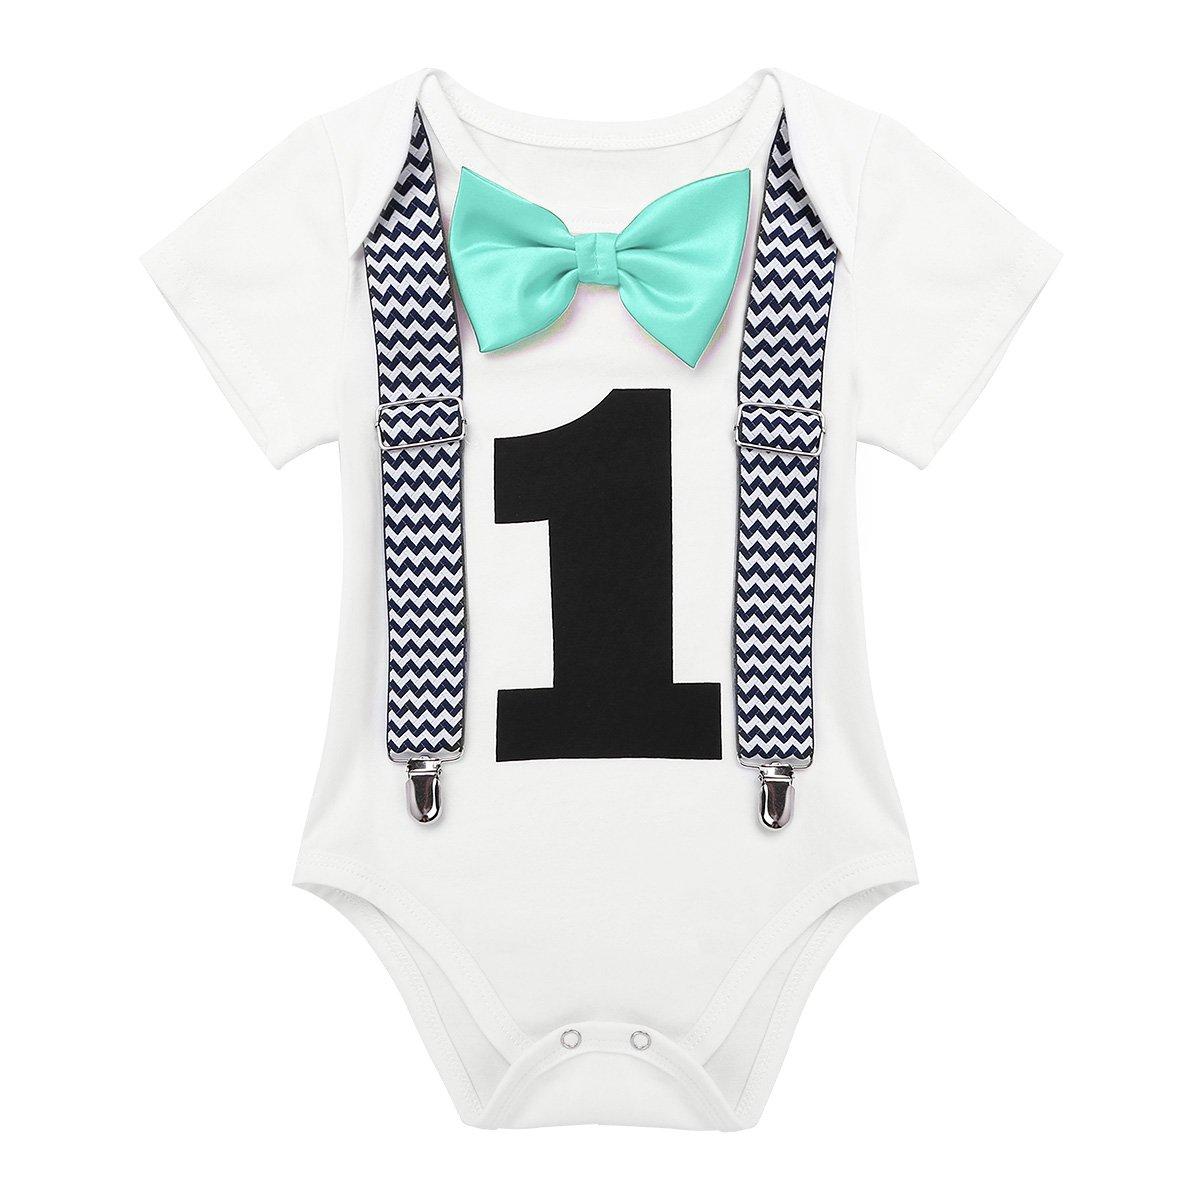 TiaoBug Mameluco de Bebé Caballero Blanco con Estampado Número 1 Traje Pelele para Recién Nacidos Primer Cumpleaños Manga Corta